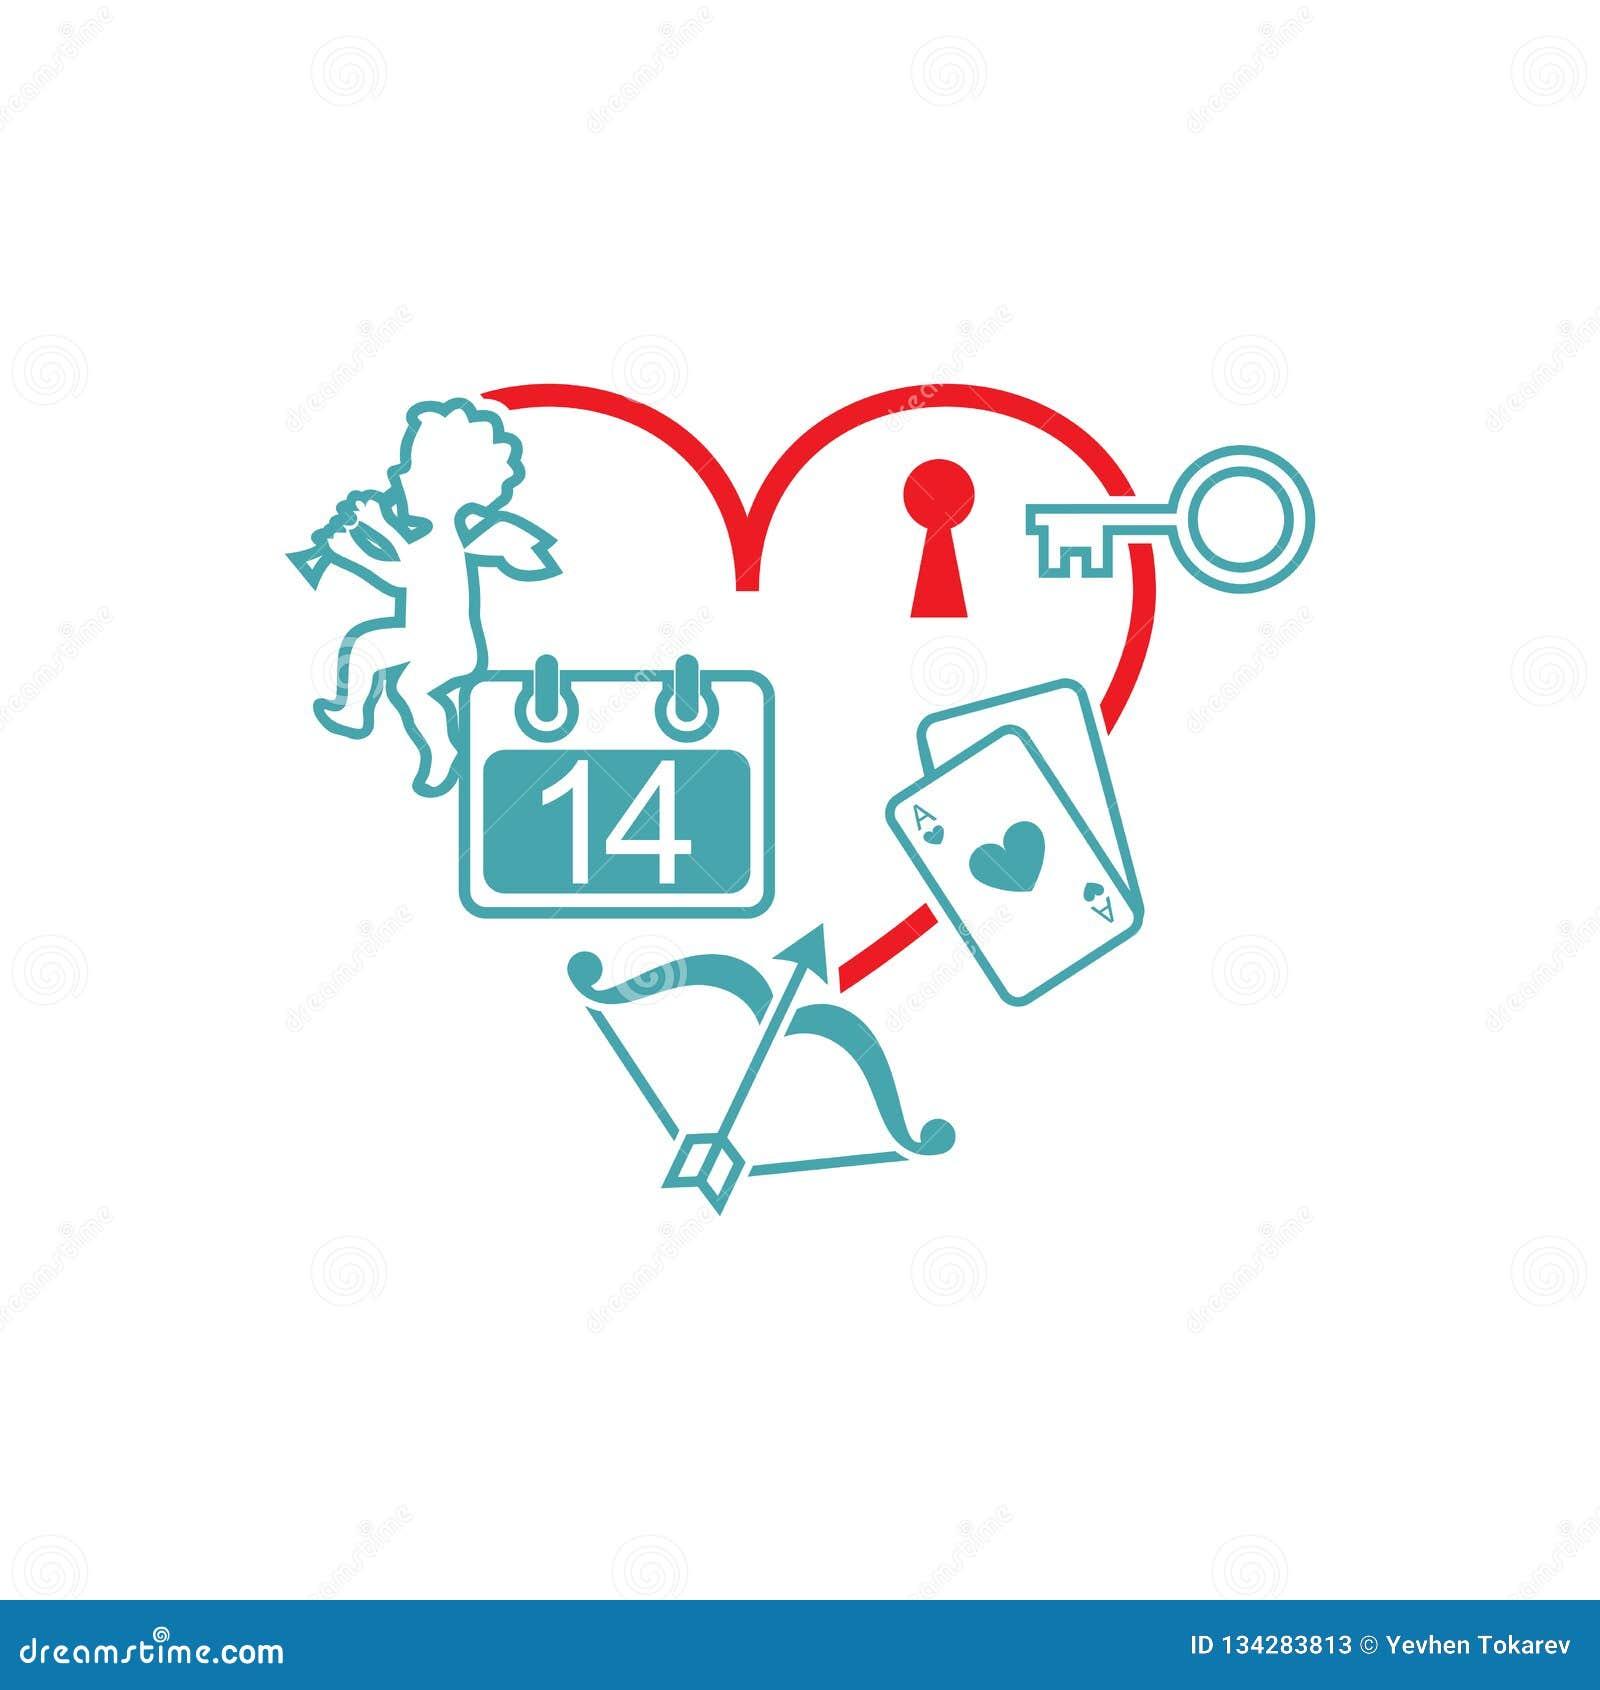 Le coeur d image de vecteur et une clé à la serrure, le calendrier, un ange, oignons avec une flèche, cartes de jeu